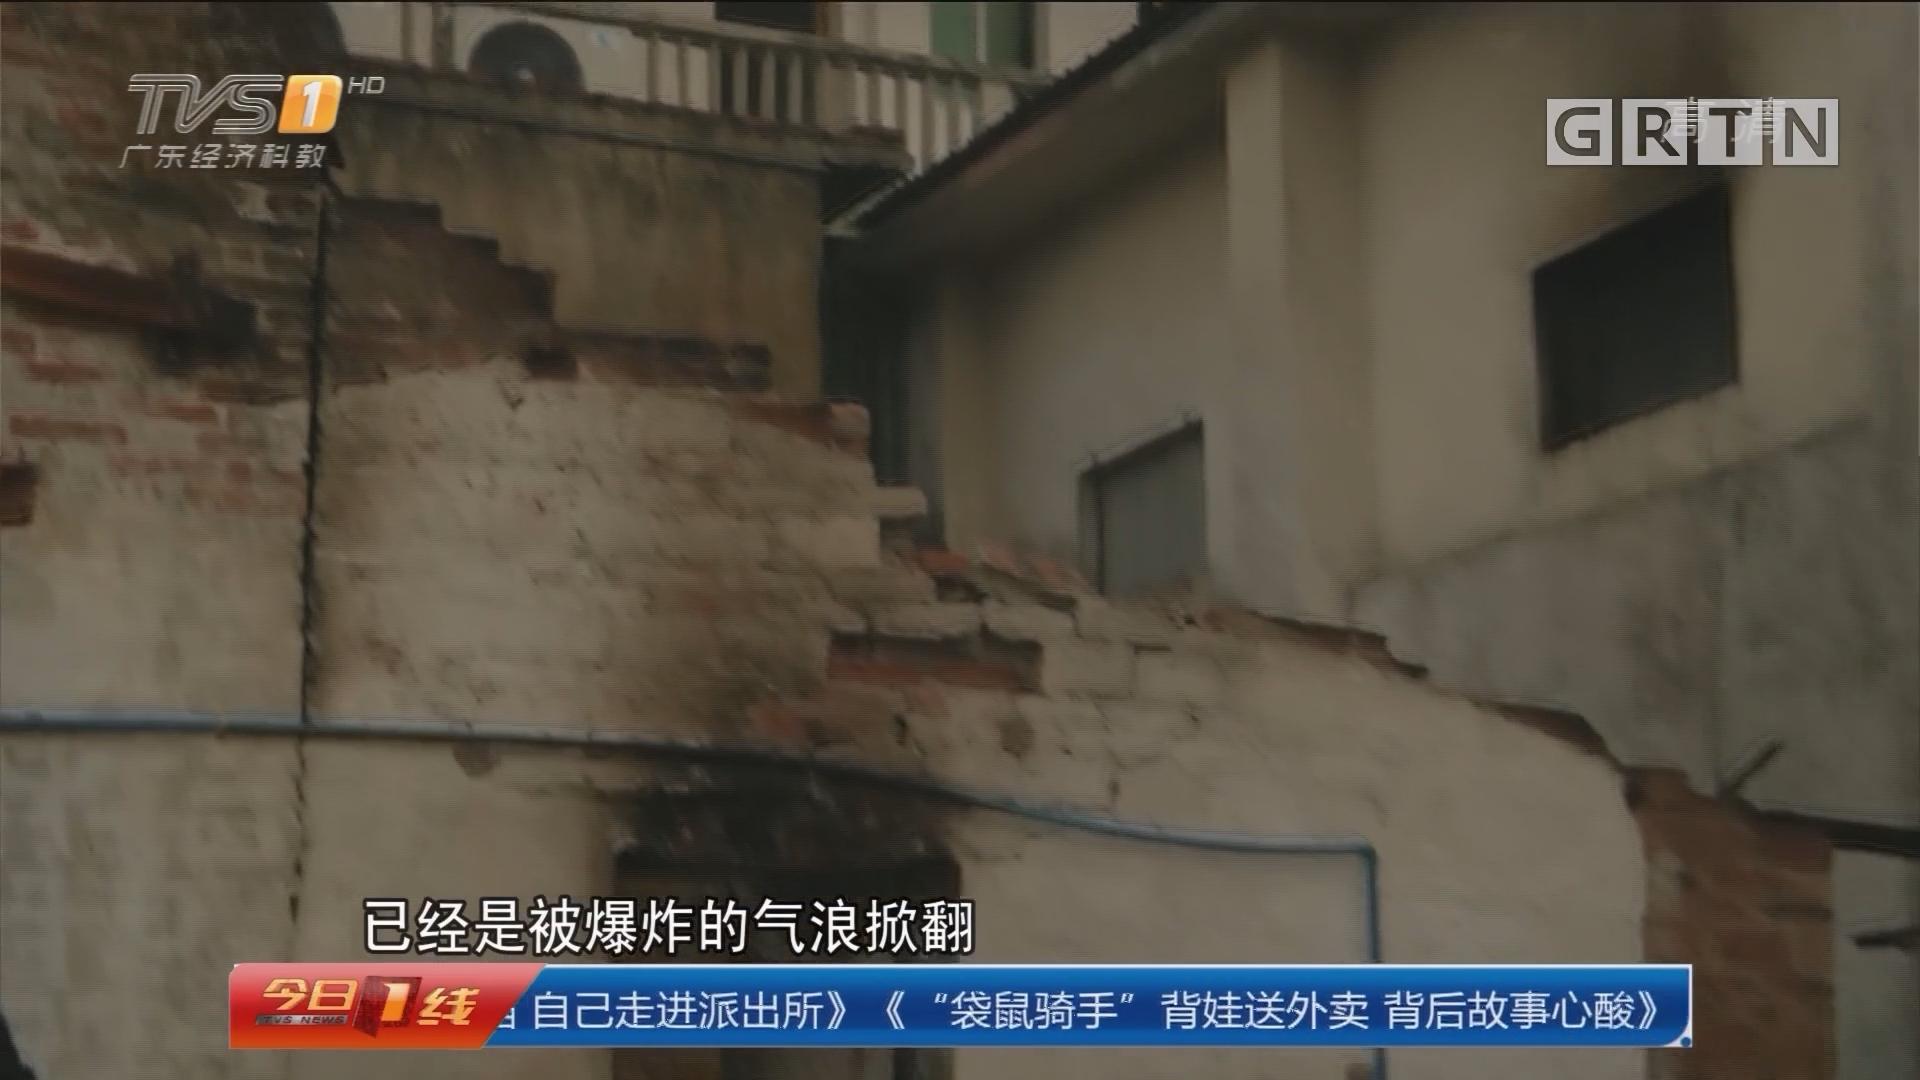 广州花都:燃气服务部起火爆炸 幸无人伤亡